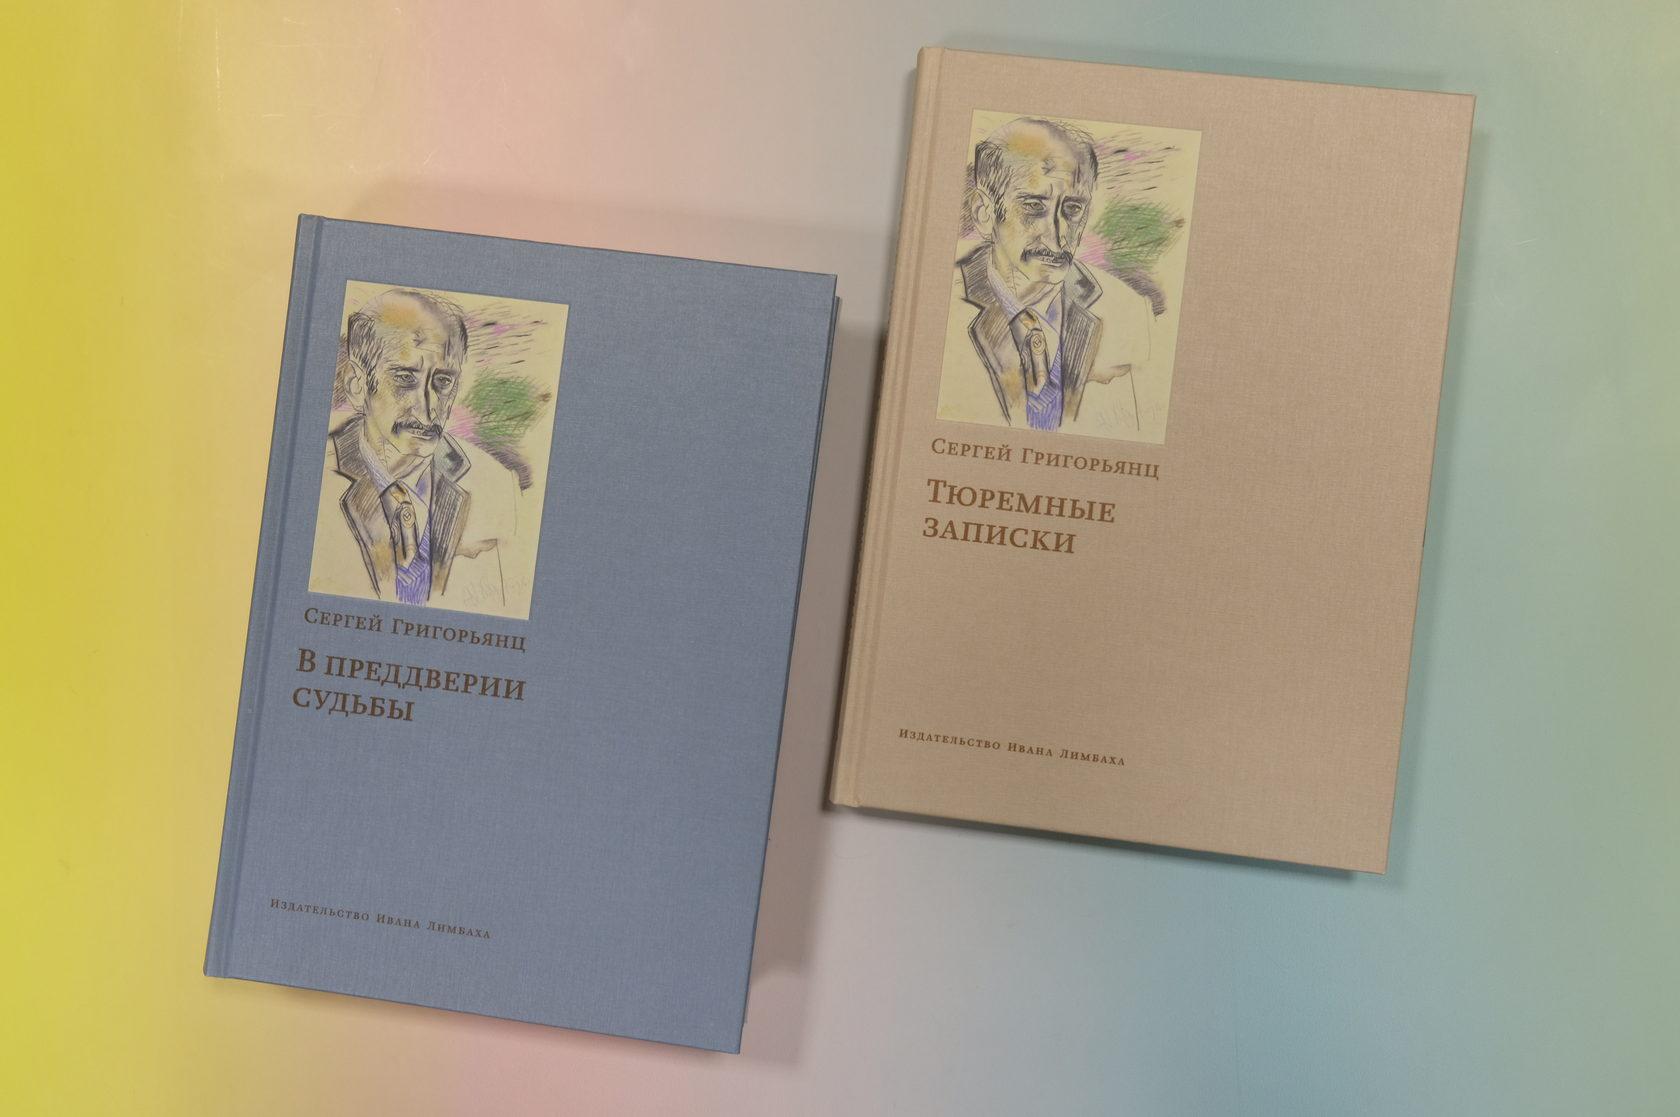 «Тюремные записки» и «В преддверии судьбы» Сергея Григорьянца